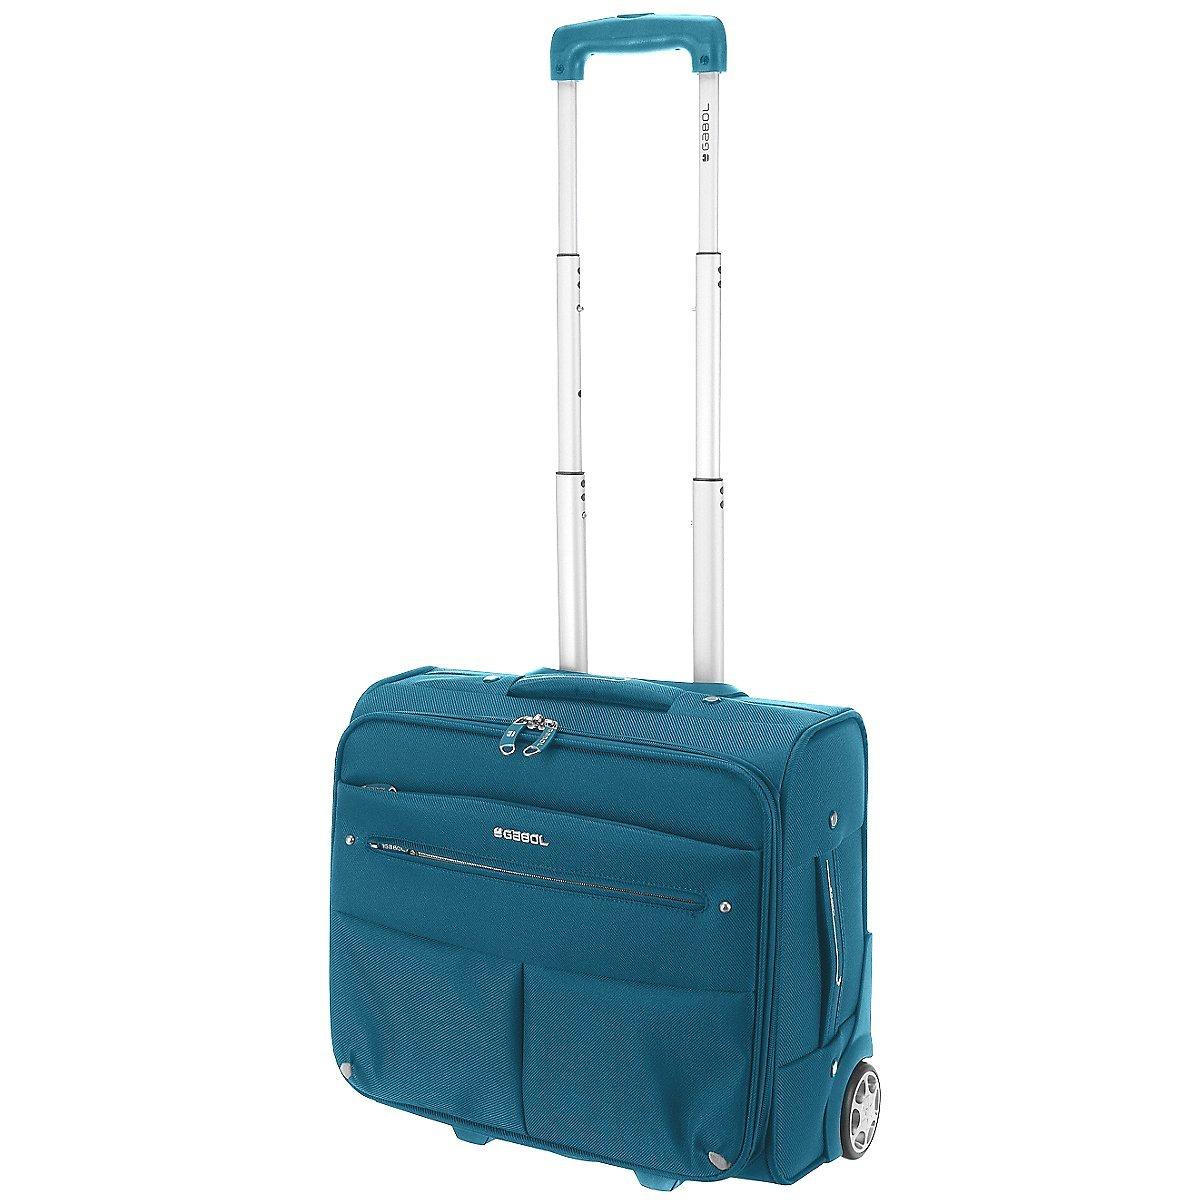 Gabol Koffer, 44cm, 29L, blau 44cm 29L 112119003